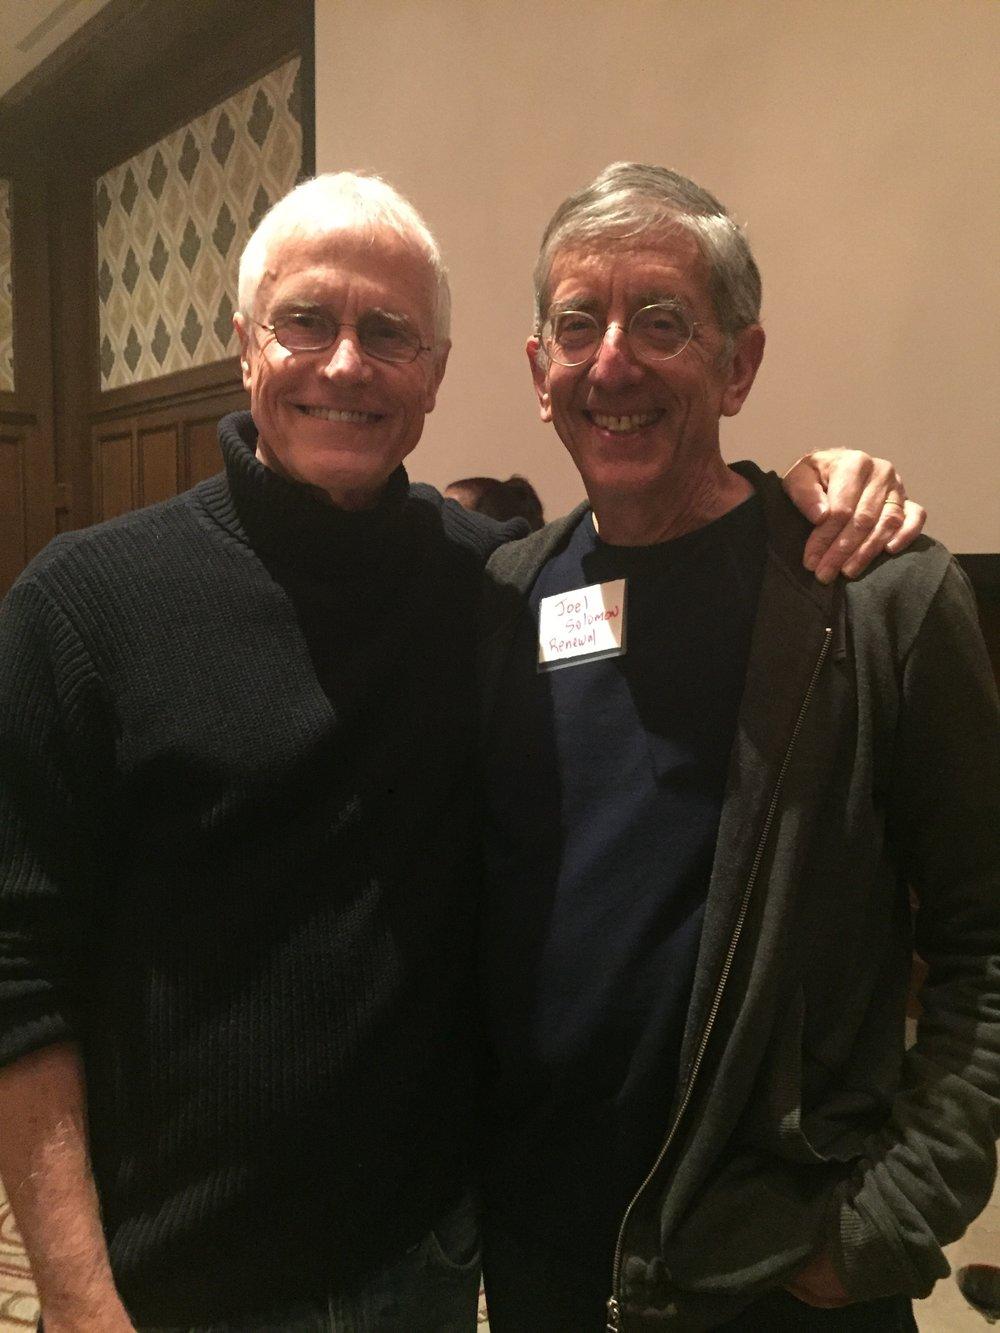 Joel + Paul Hawken.jpg